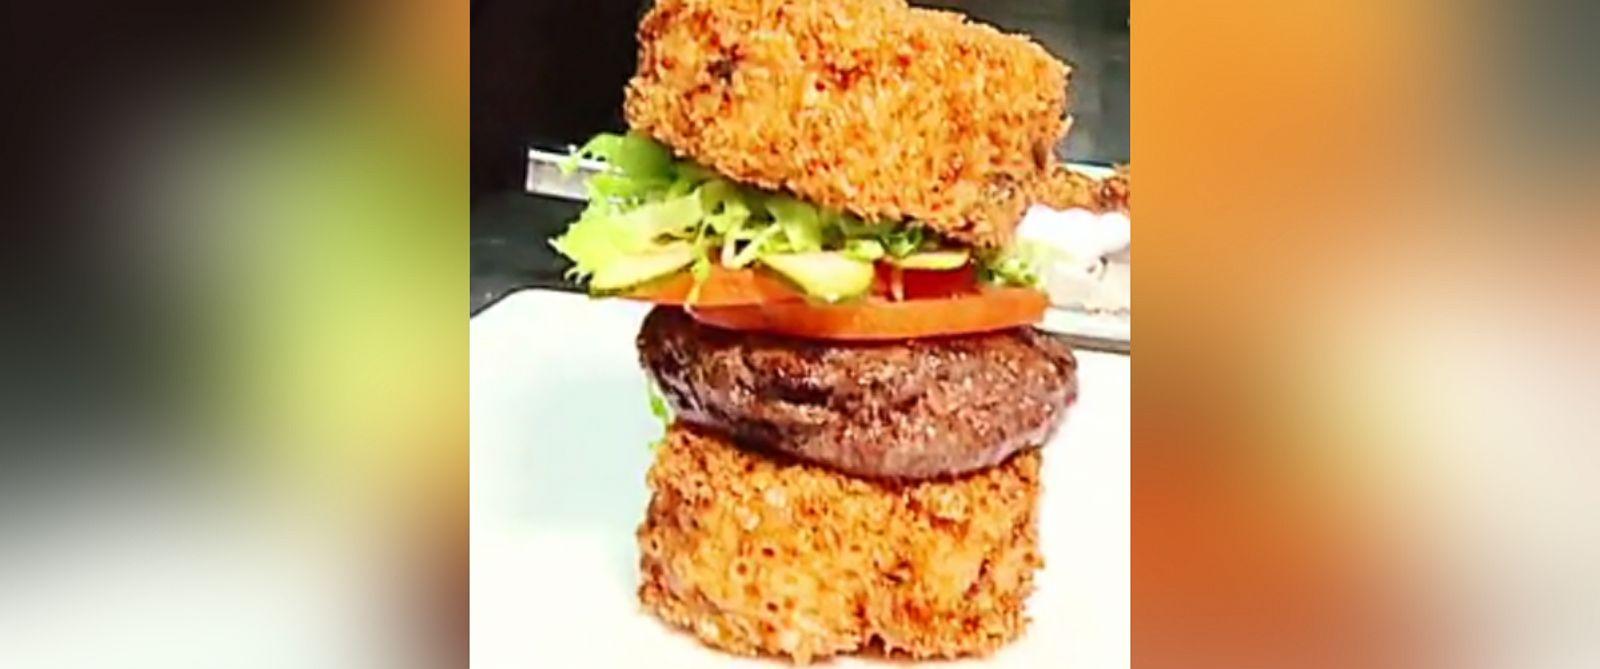 PHOTO: Datz in Tampa, Florida, makes a Cheesy Todd Bun burger with macaroni and cheese hamburger buns.